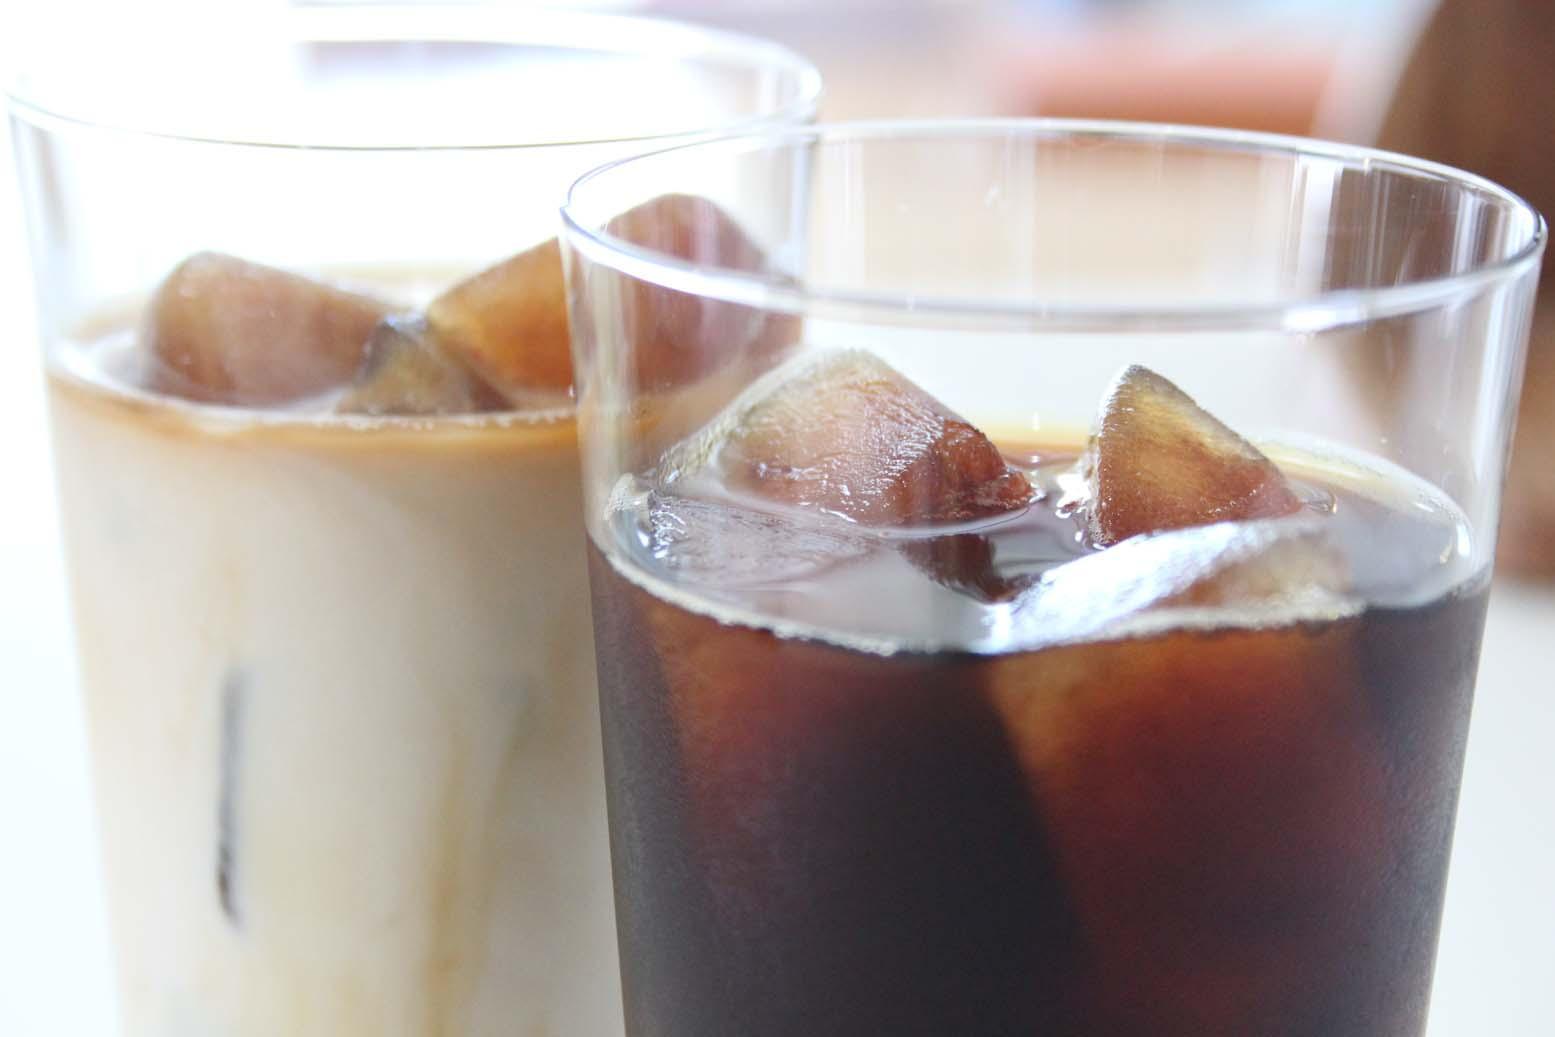 アイスコーヒーも「氷カフェオレ」も自宅でできる!コーヒー氷作りのコツ